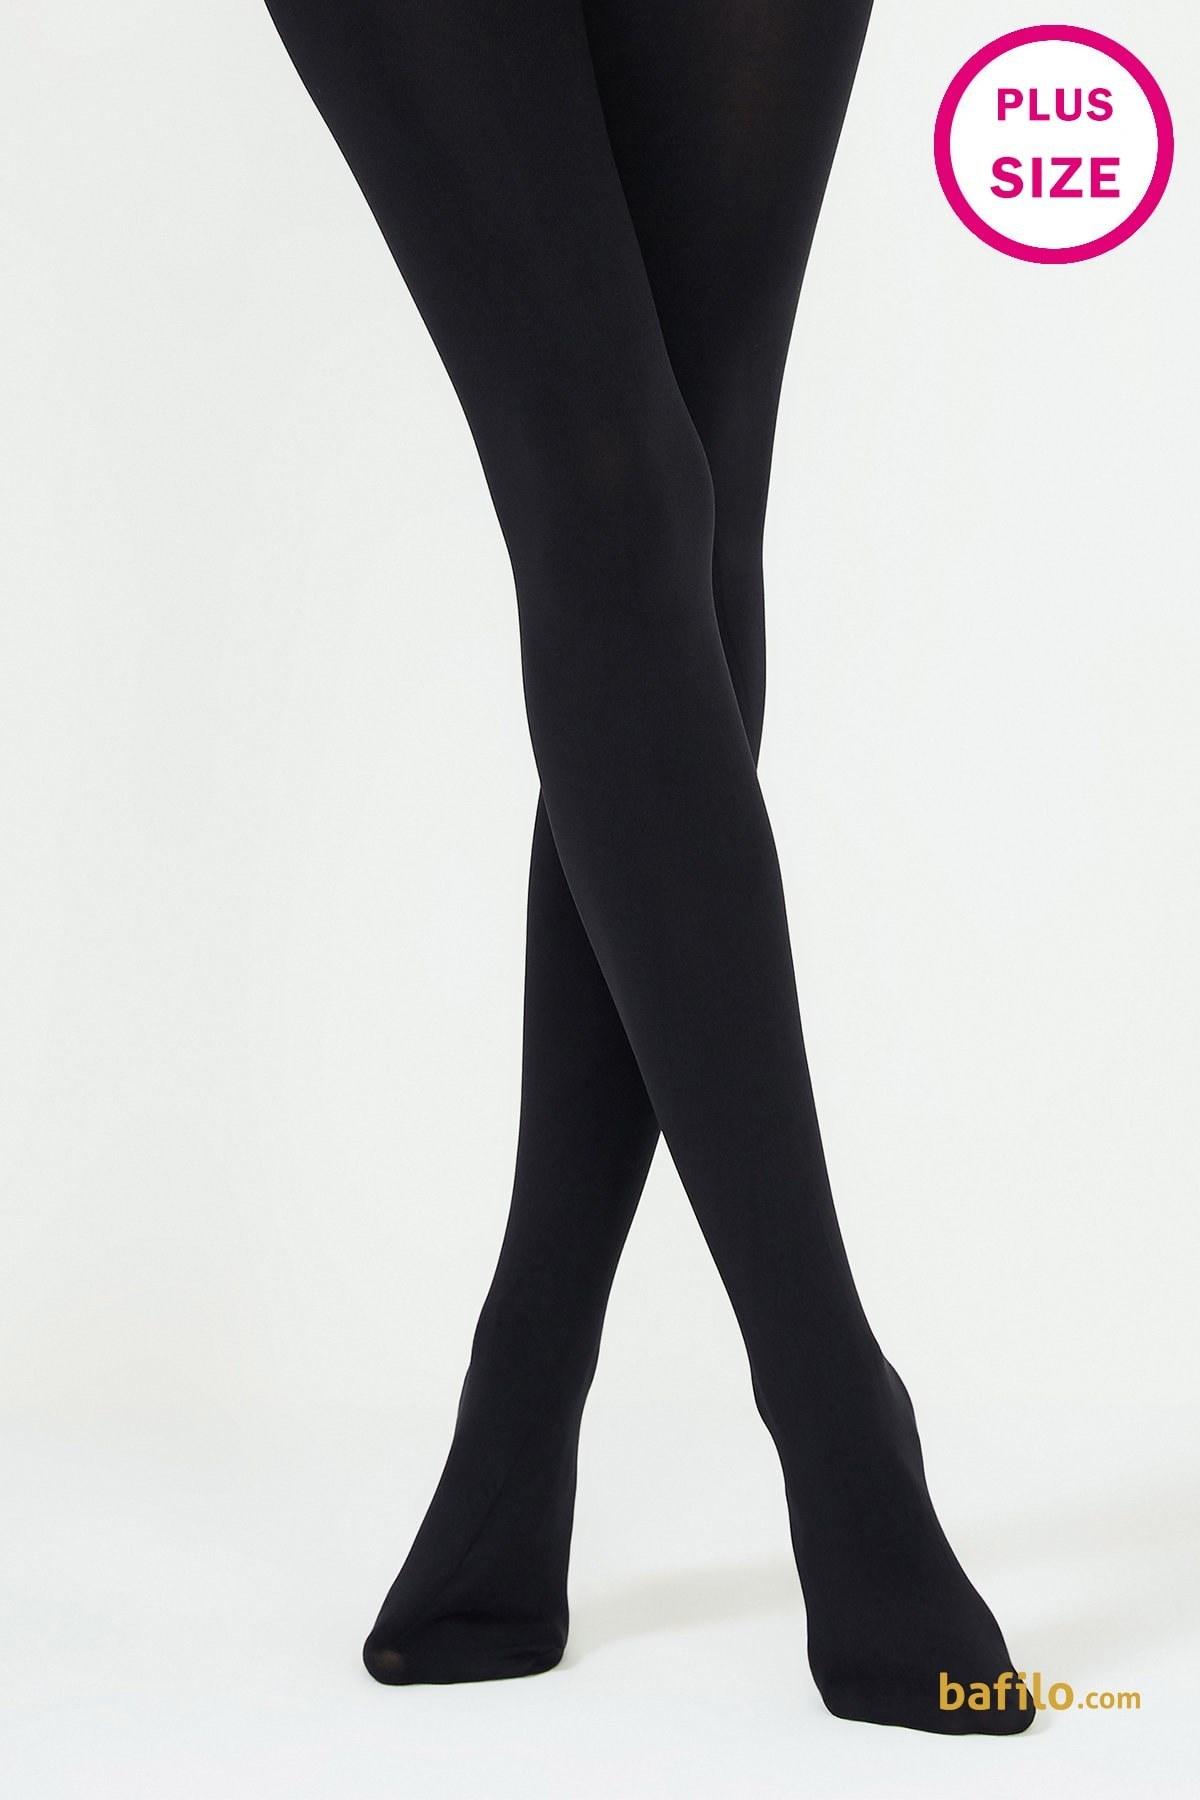 عکس جوراب شلواری ضخیم سایز بزرگ پنتی Mikro 200 - مشکی | پنتی | Penti  جوراب-شلواری-ضخیم-سایز-بزرگ-پنتی-mikro-200-مشکی-پنتی-penti